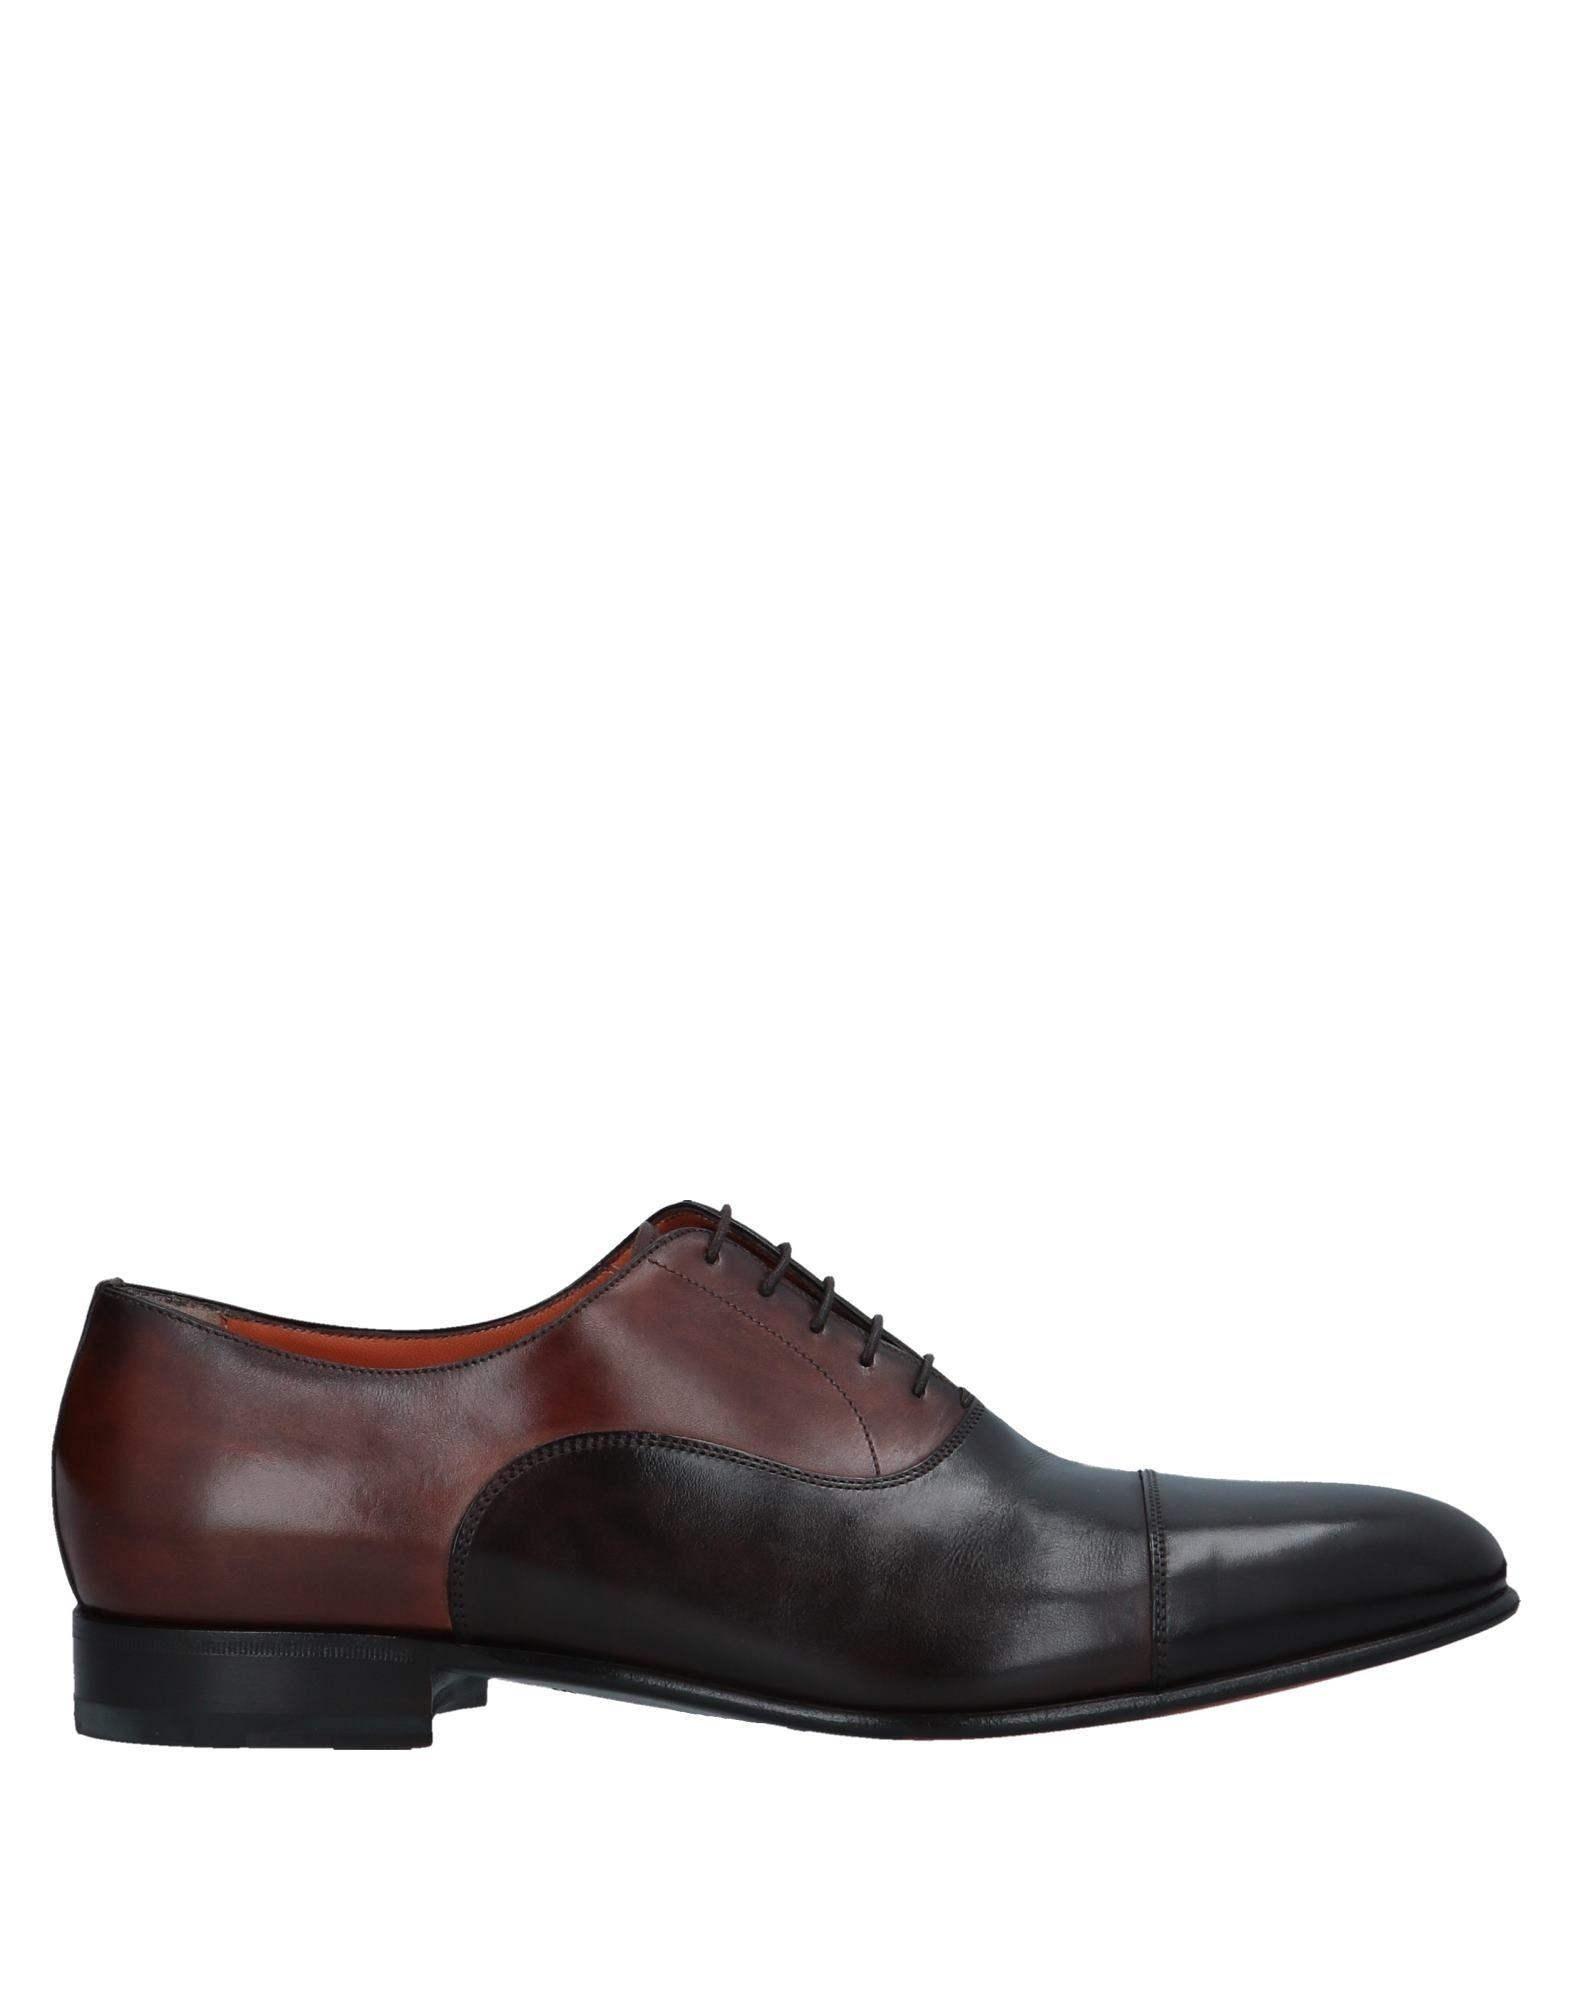 Santoni Schnürschuhe Herren  11543494CB Gute Qualität beliebte Schuhe